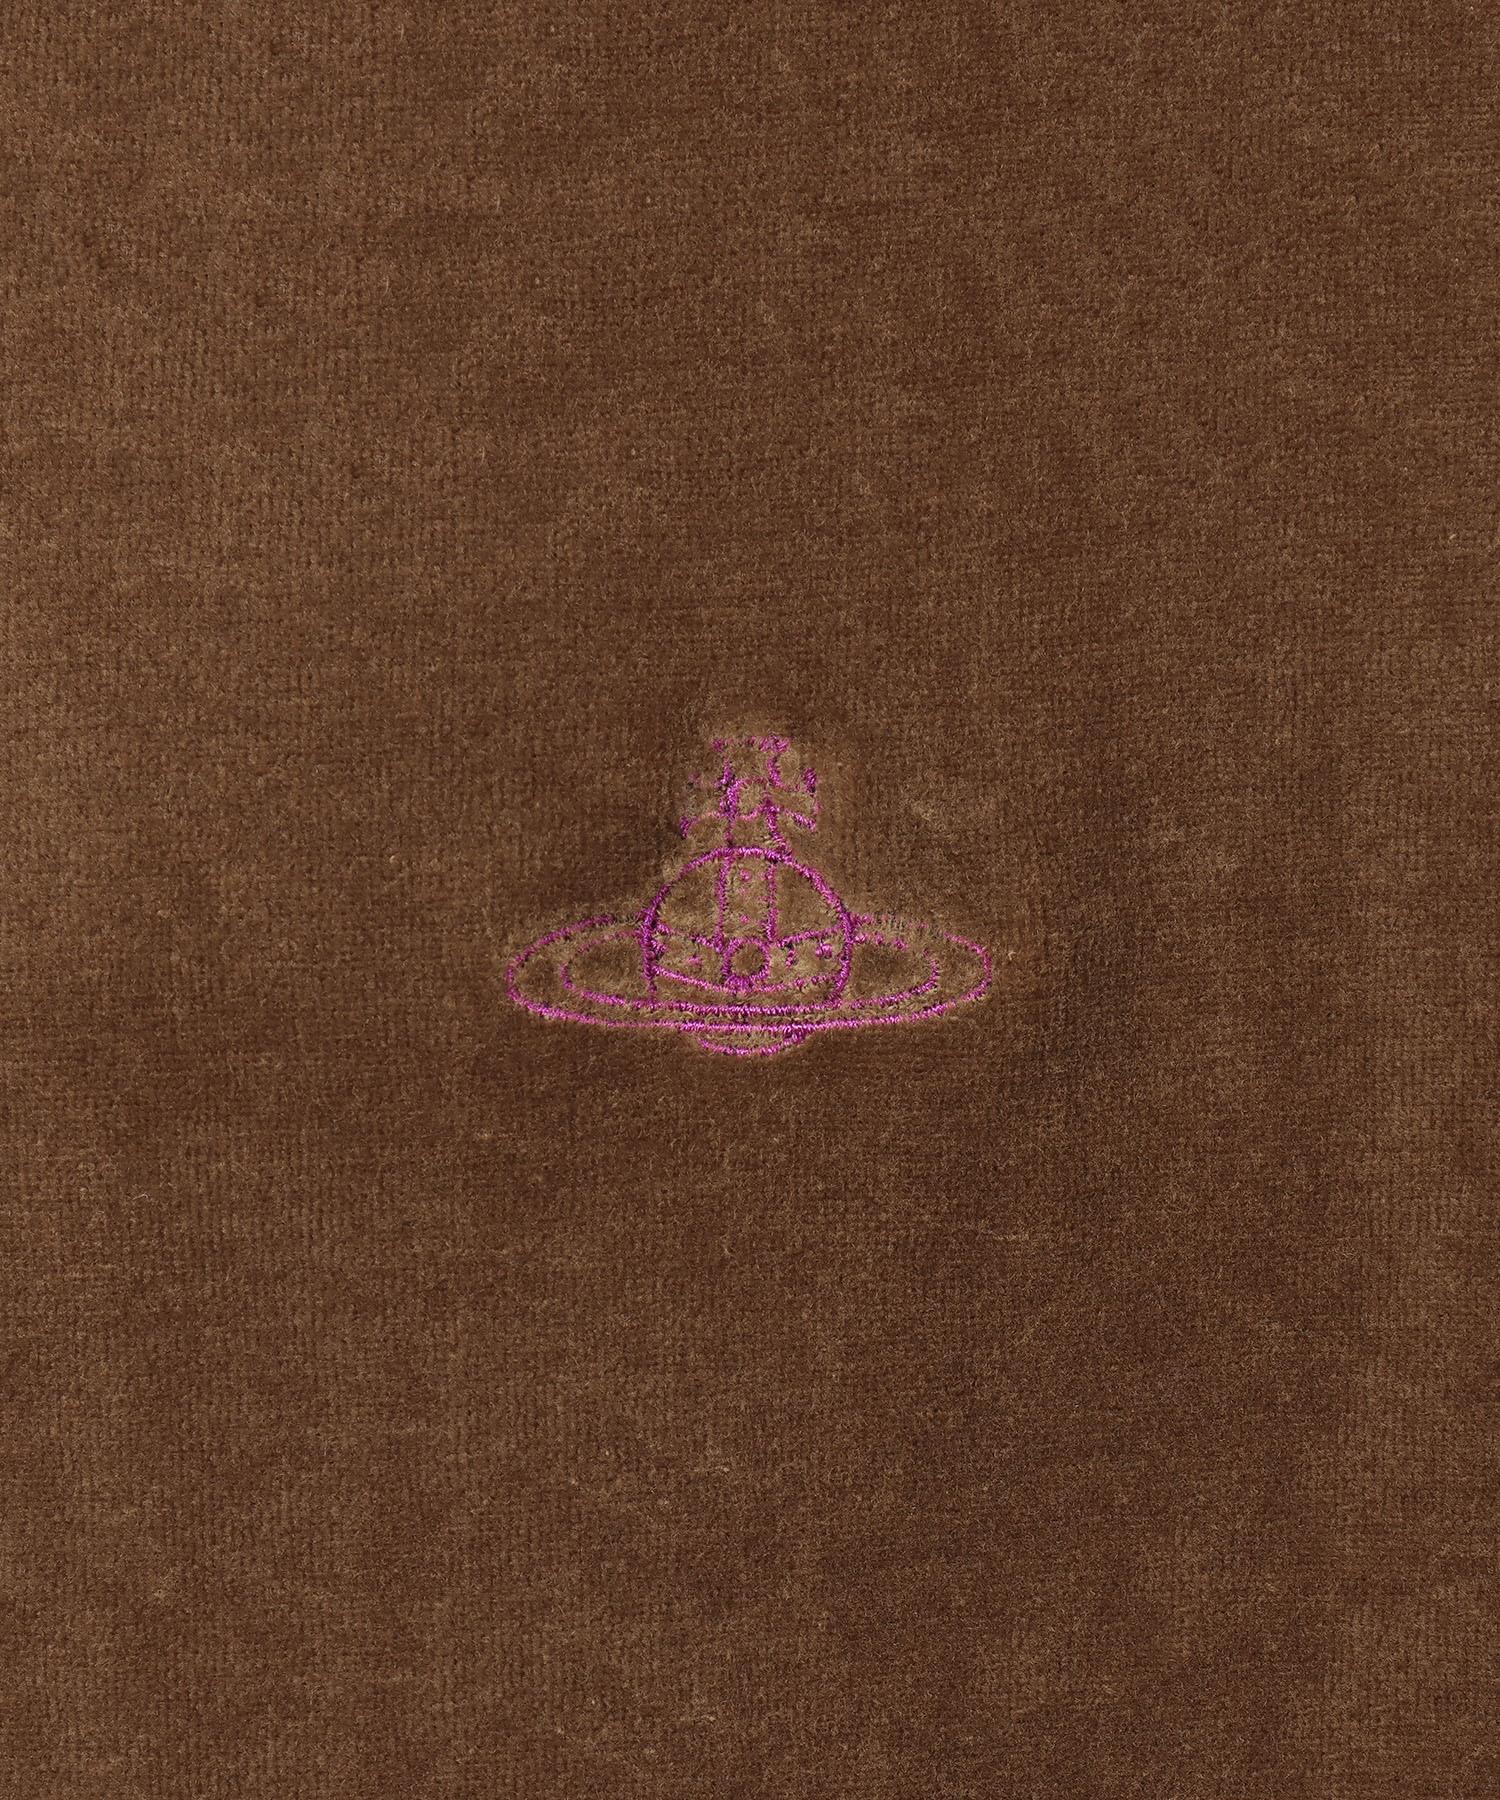 2トーンベロア トライアングル長袖Tシャツ